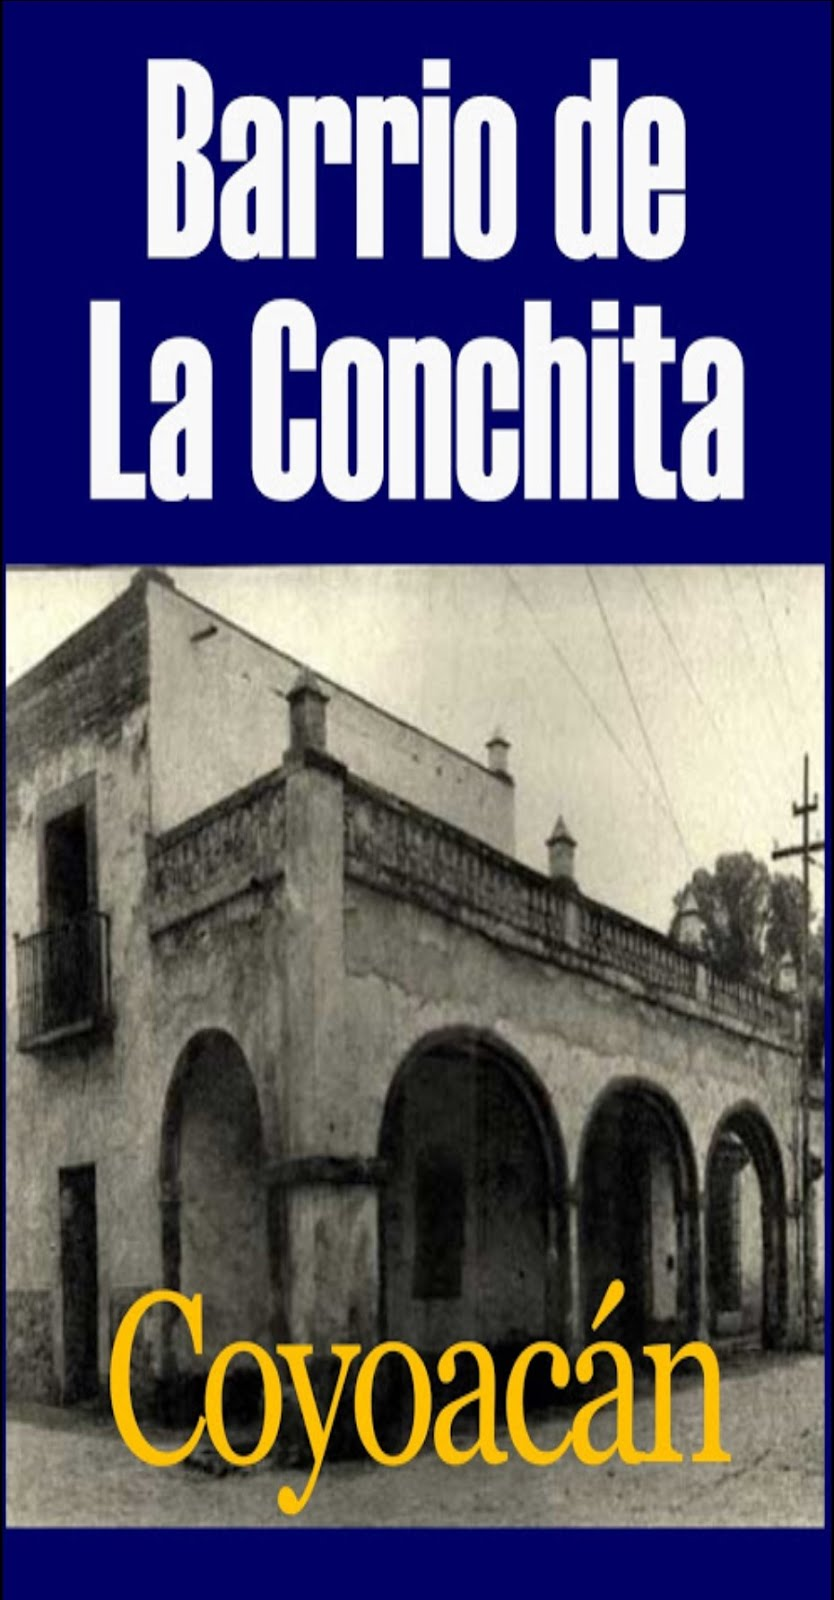 La Conchita